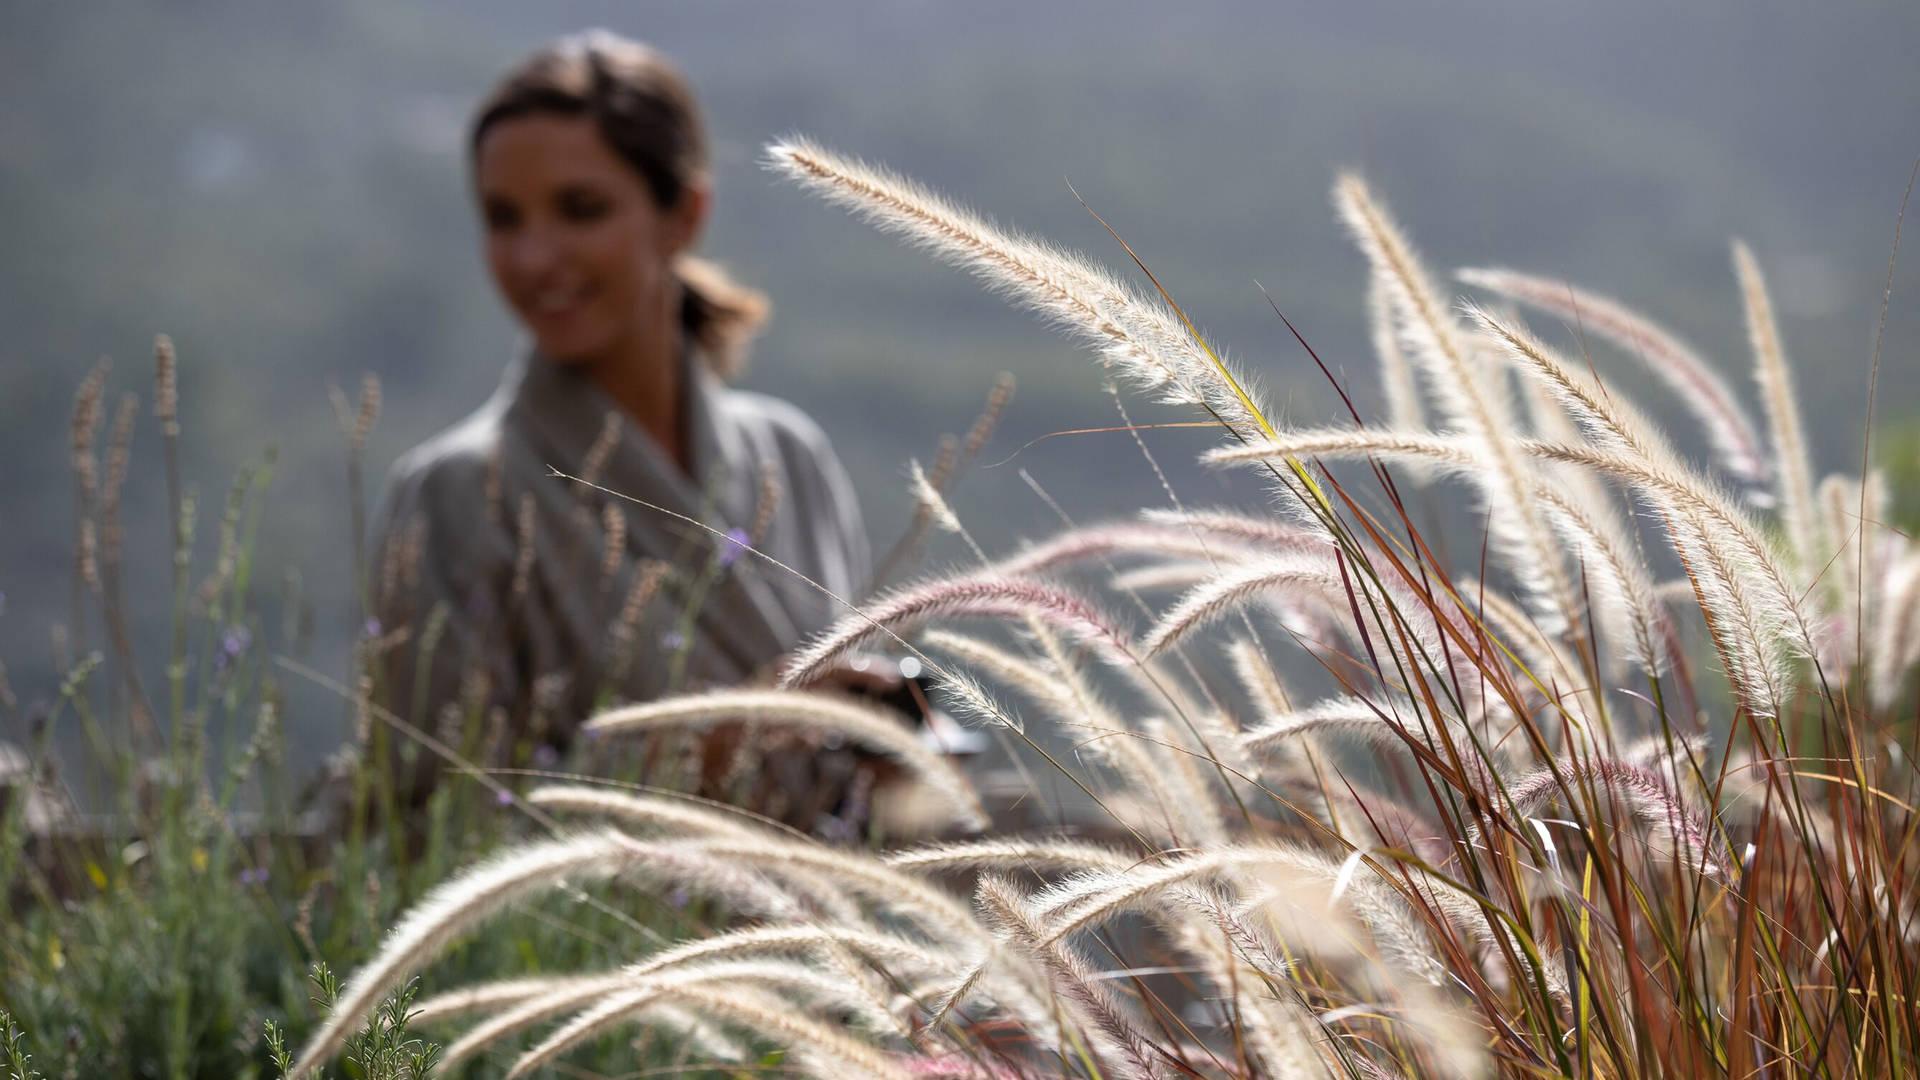 A woman walking in a field